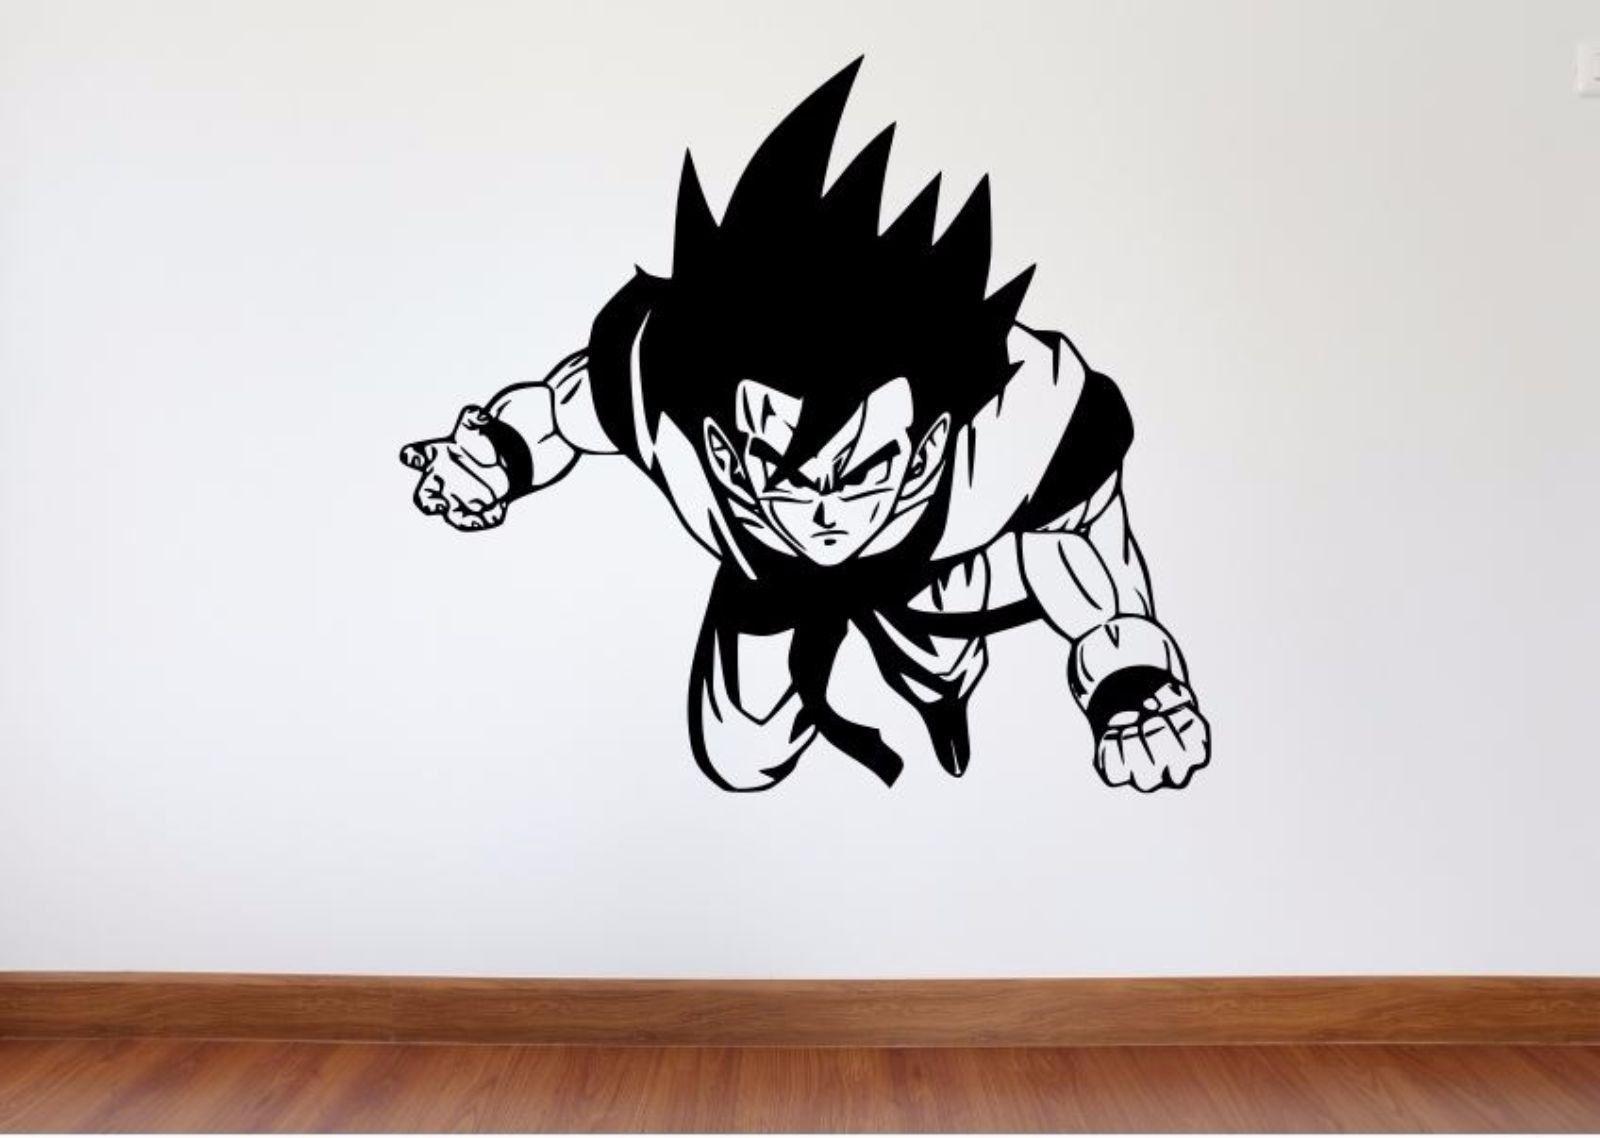 Online Get Cheap Dragon Ball Wall Decal Aliexpresscom Alibaba - Dragon ball z wall decals